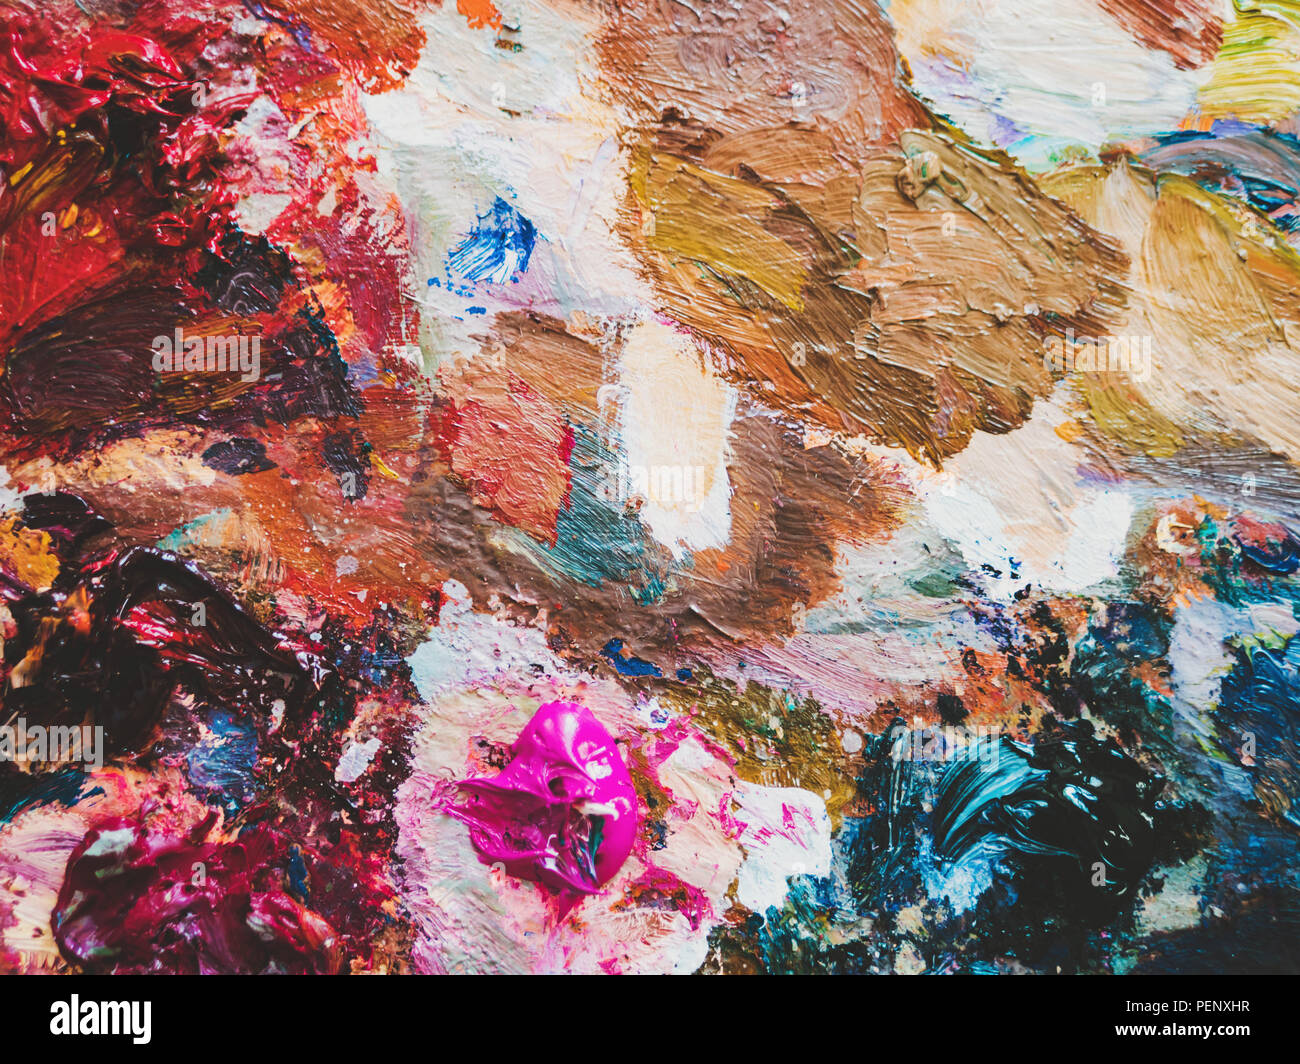 Download 60 Background Art Images HD Gratis